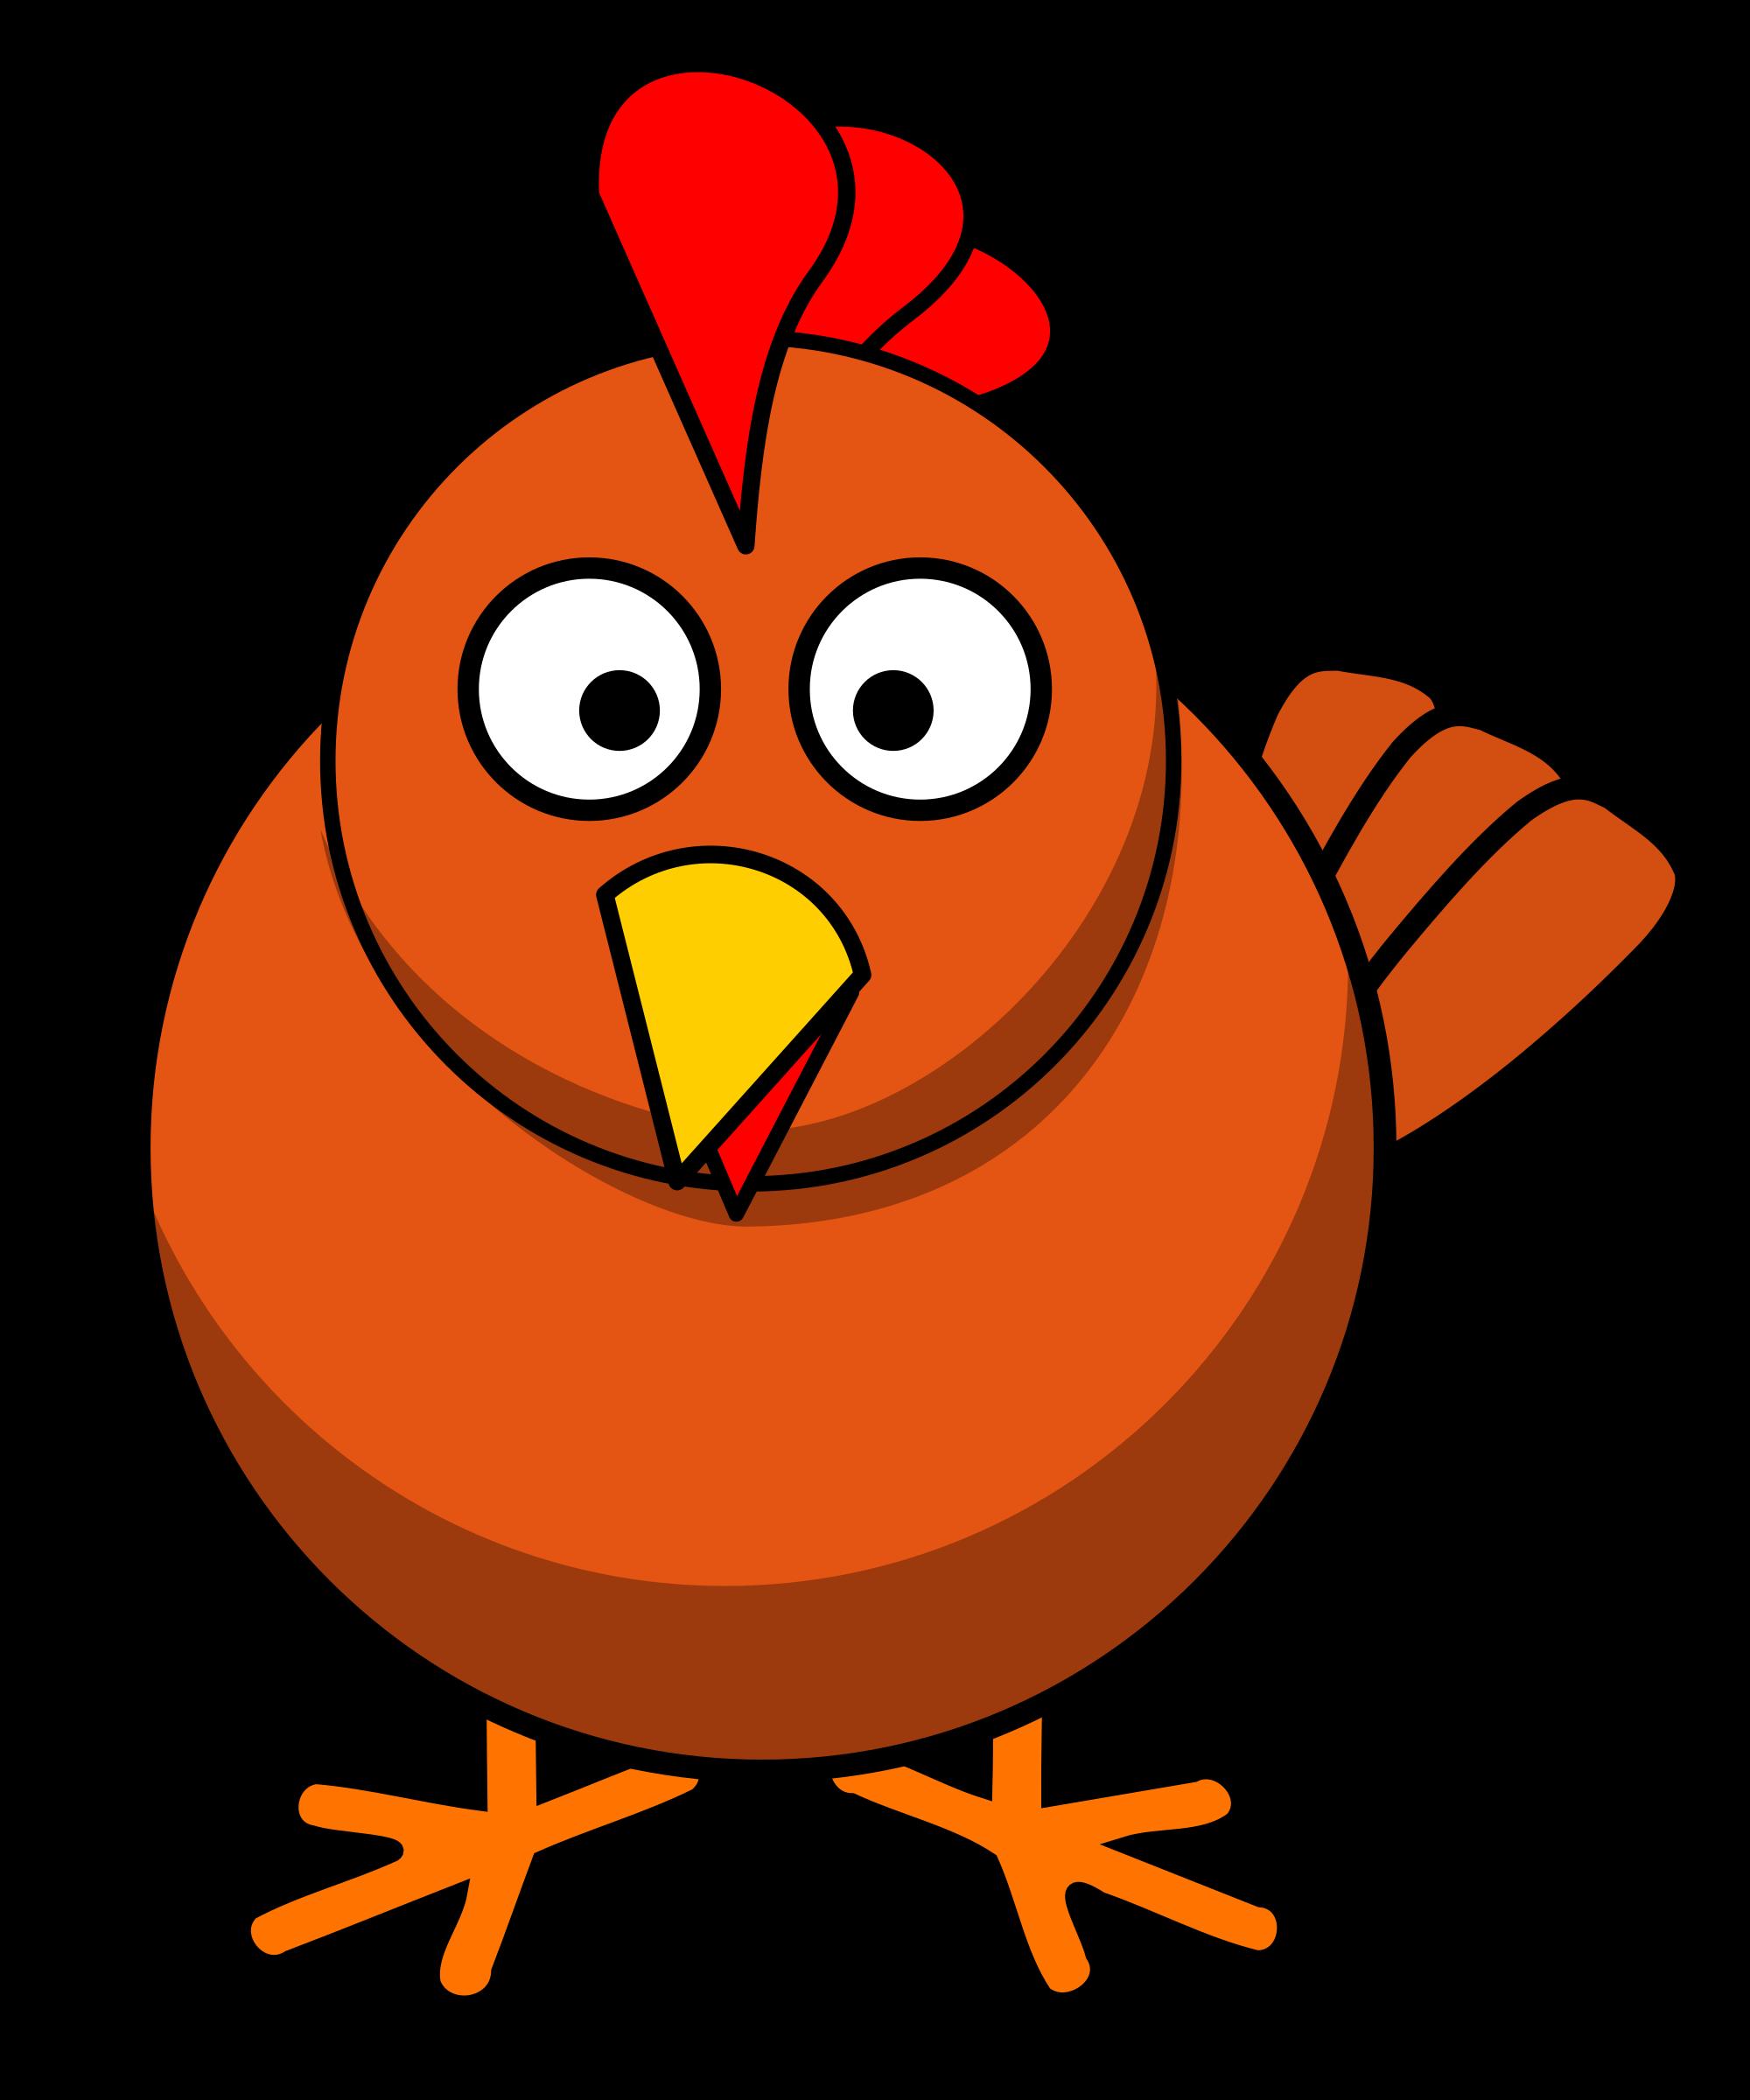 Round cartoon big image. Hen clipart chicken beak